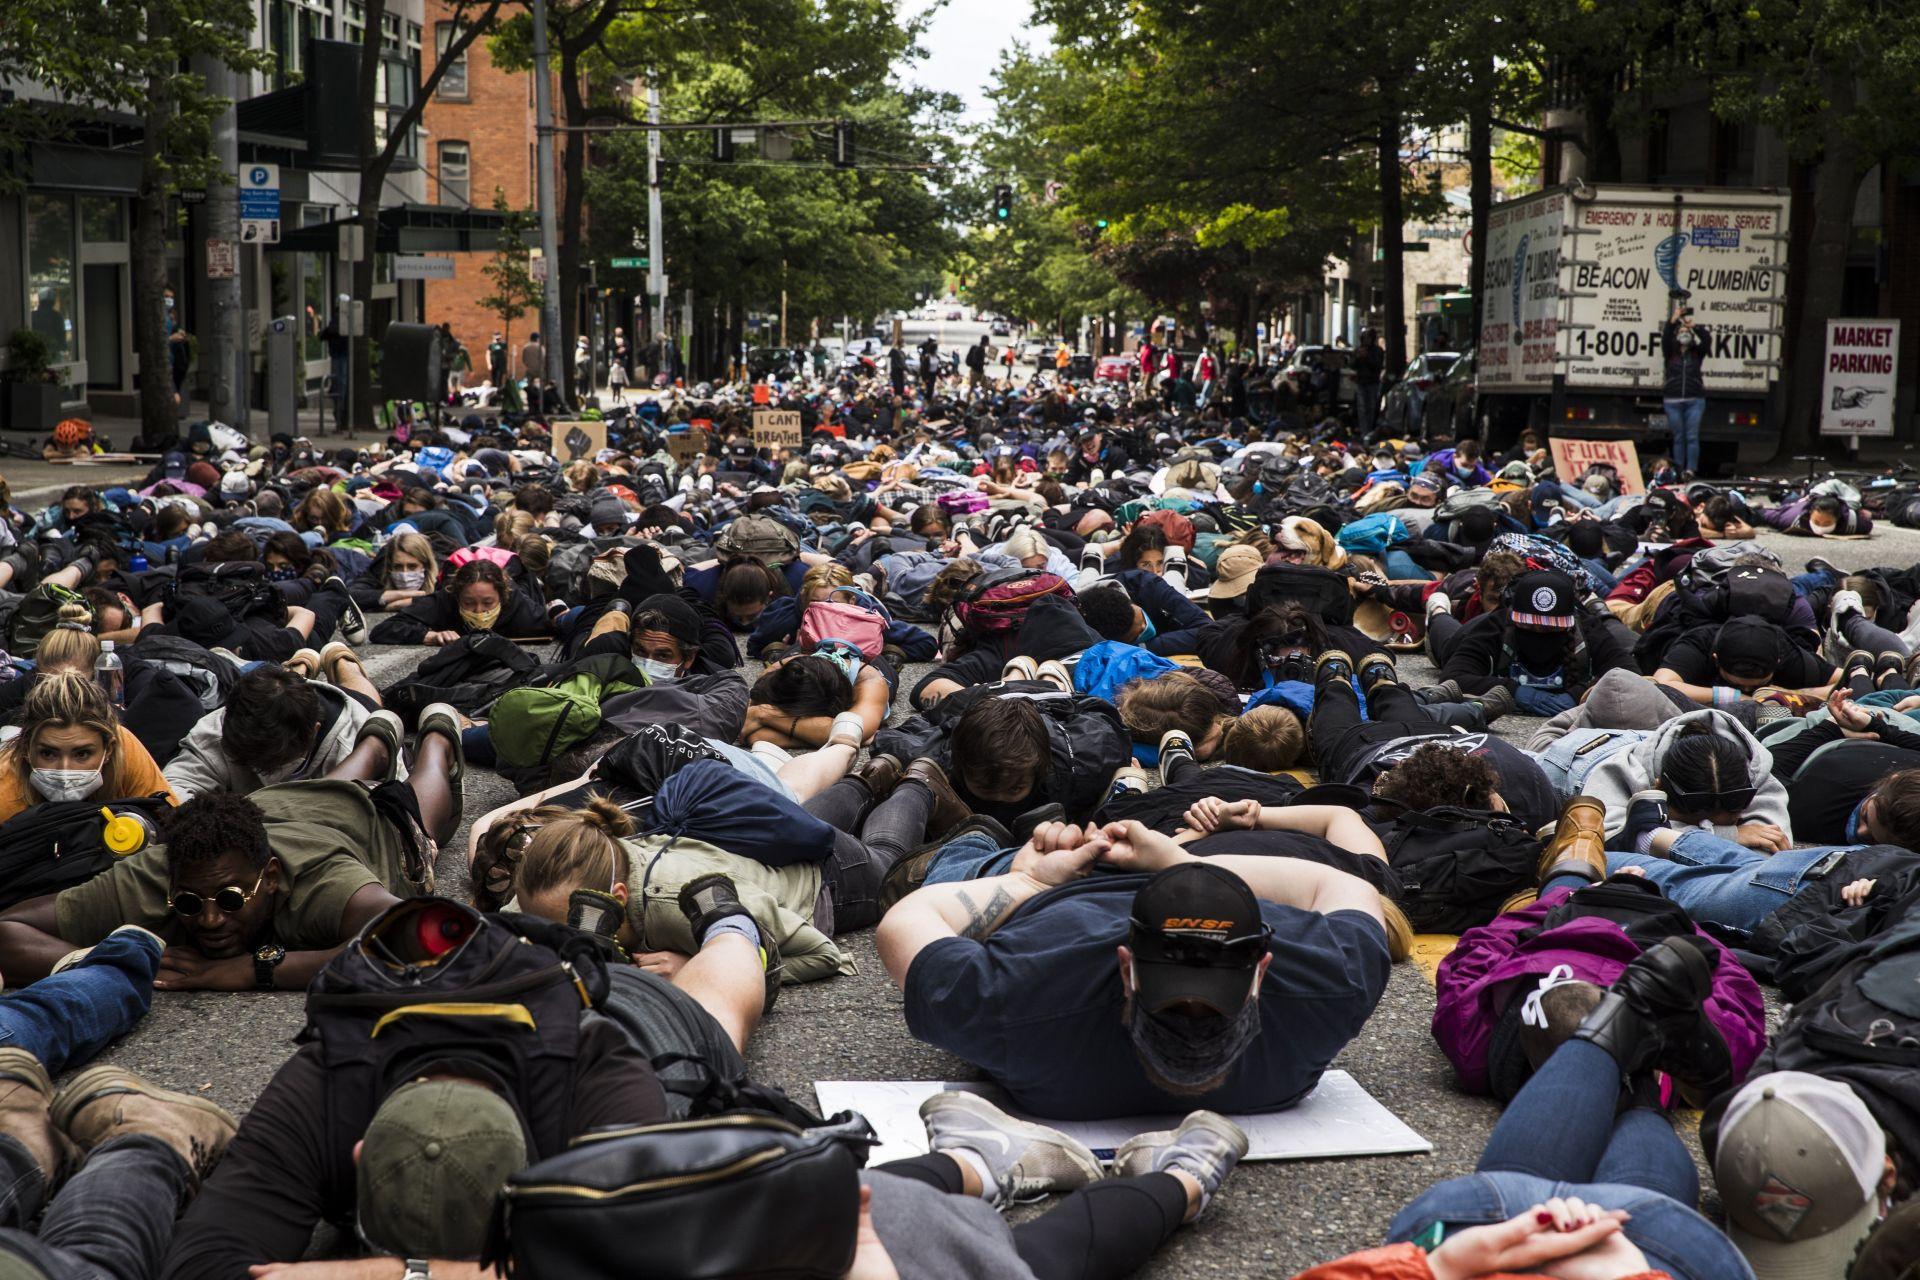 Протестиращи в Ситаъл легнаха на земята с ръце на гърба, в каквато поза е издъхнал Джоржд Флойд